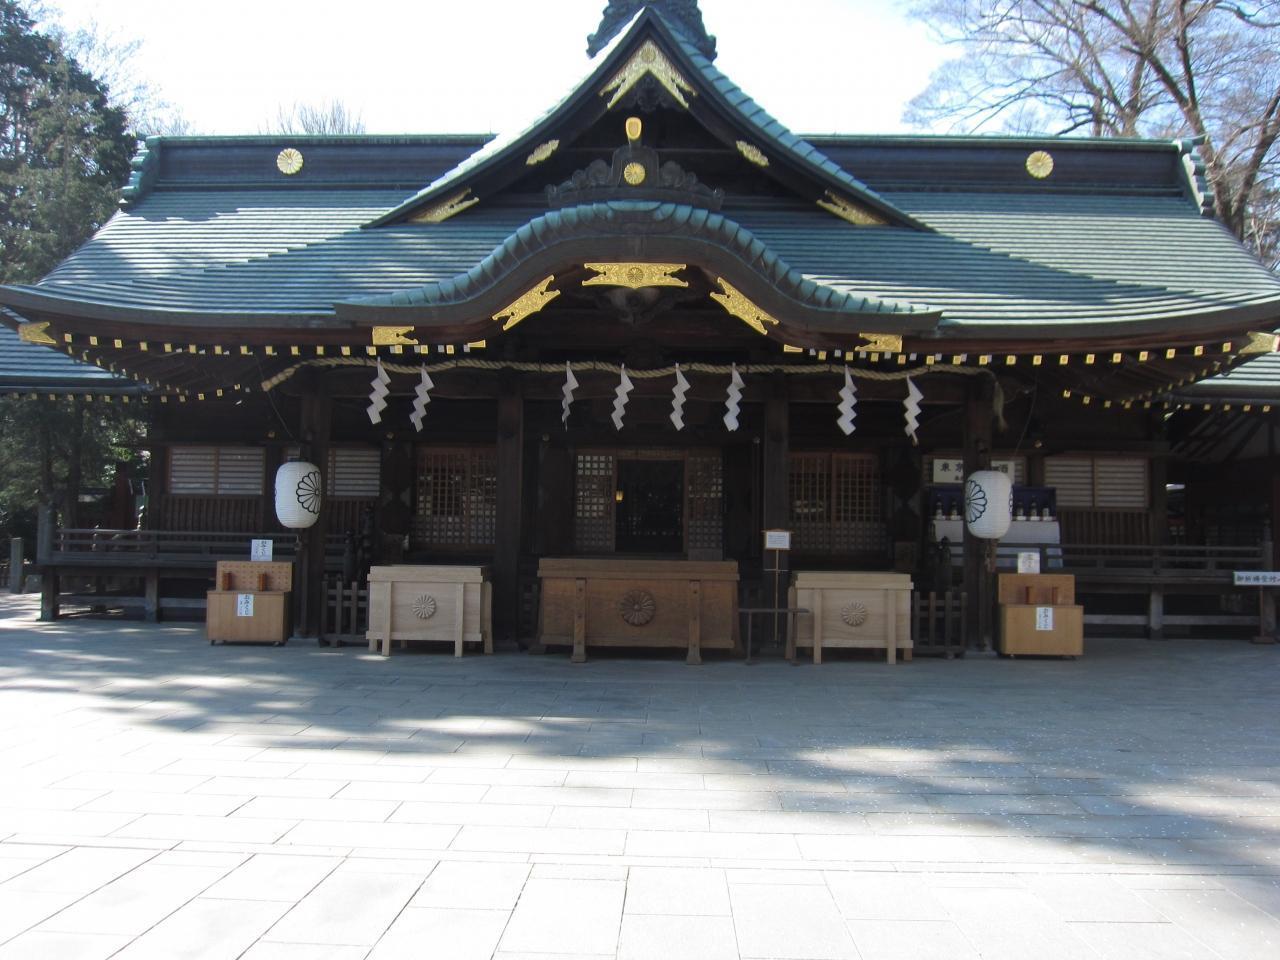 【3位】大國魂神社 / 国立・府中・稲城